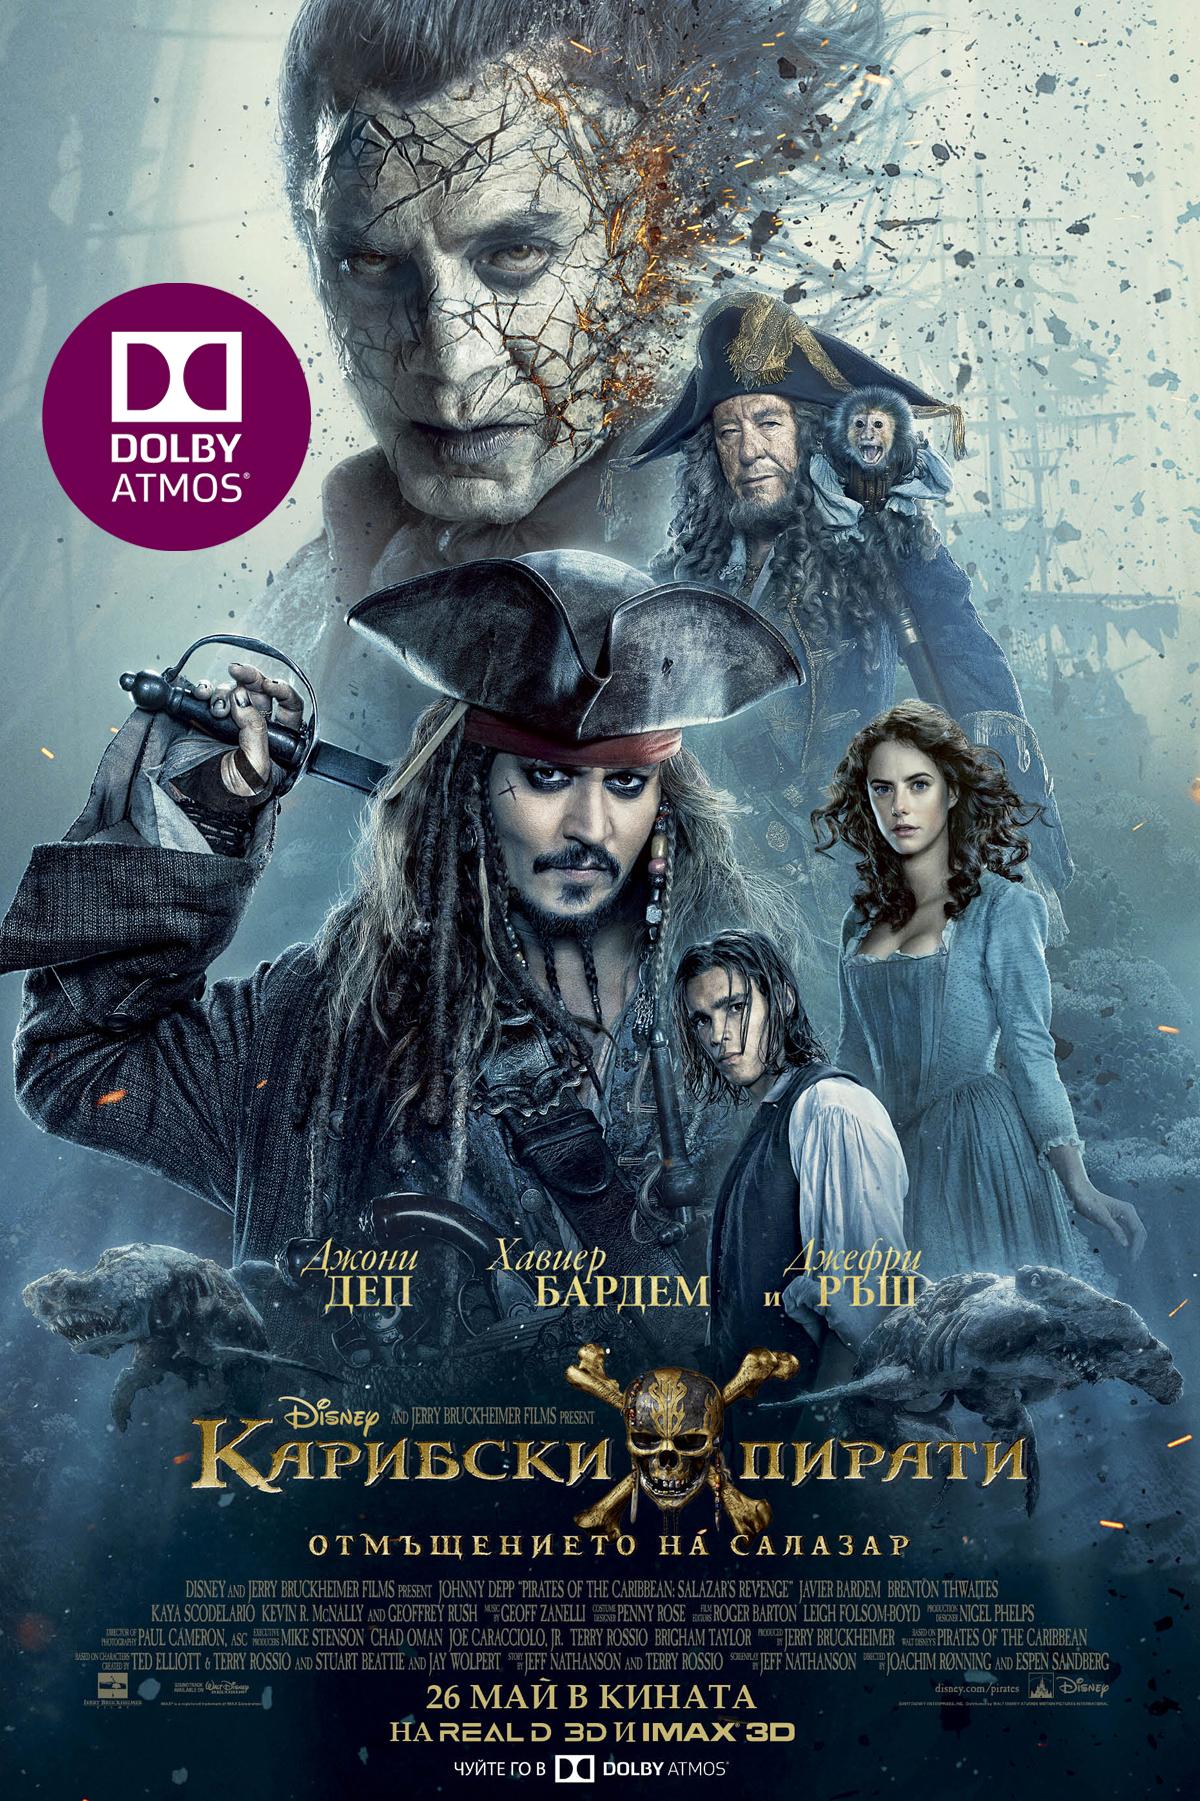 Карибски пирати: Отмъщението на Салазар RealD 3D